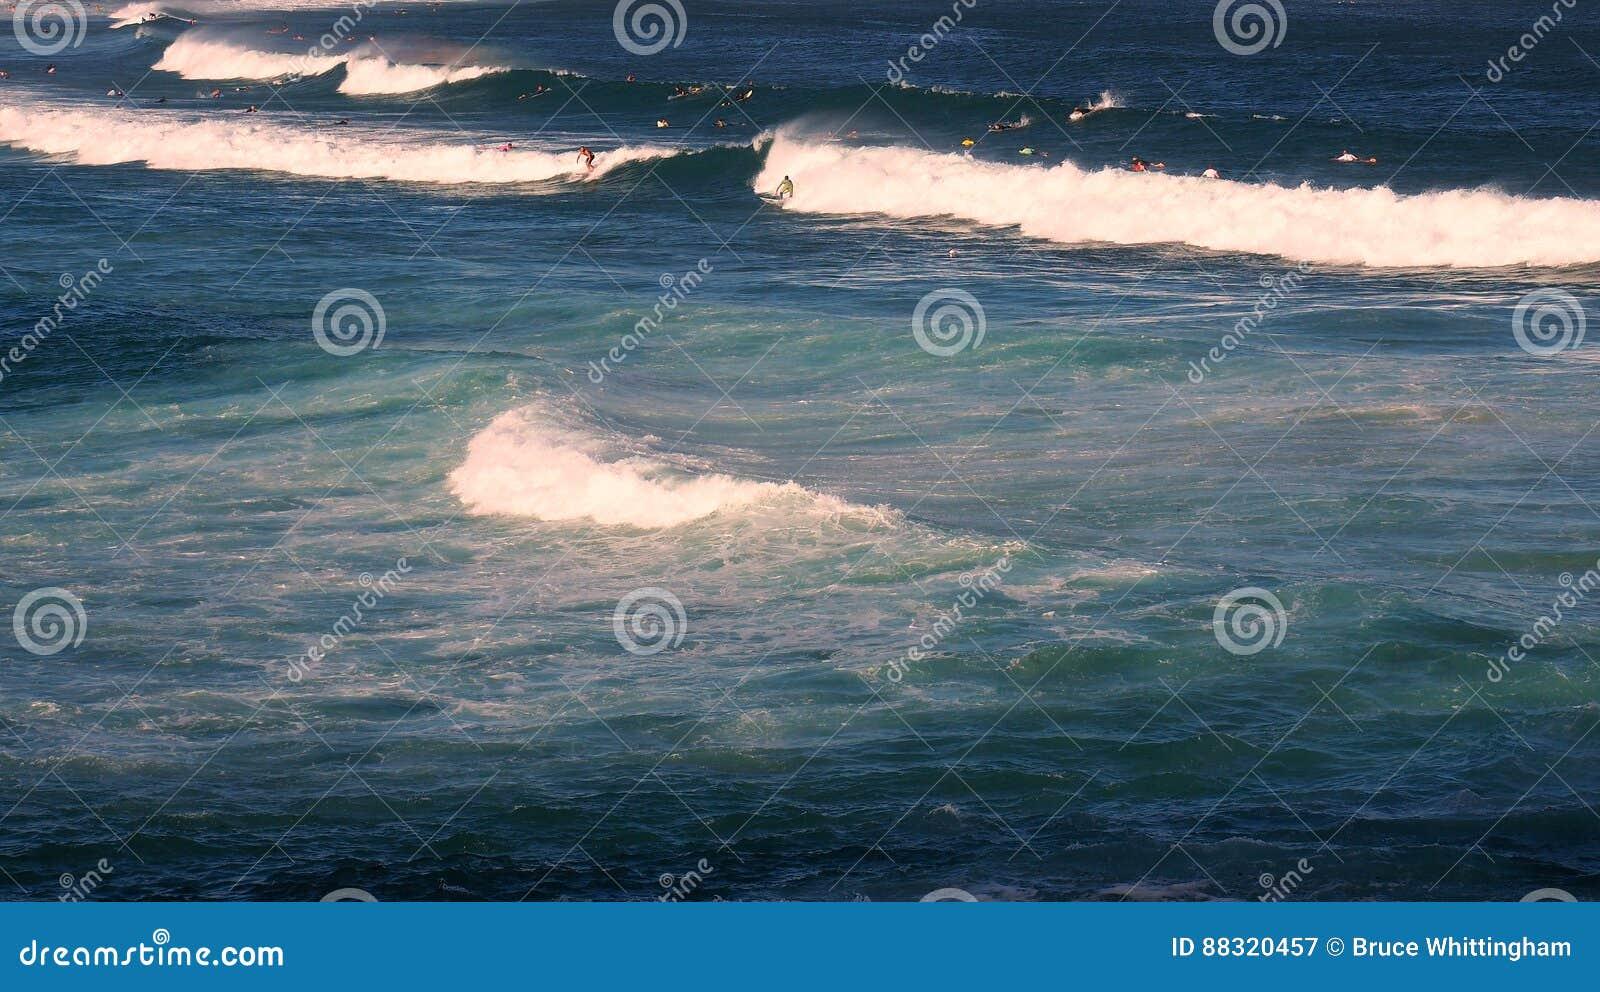 Ocean Waves Breaking on Surf Beach